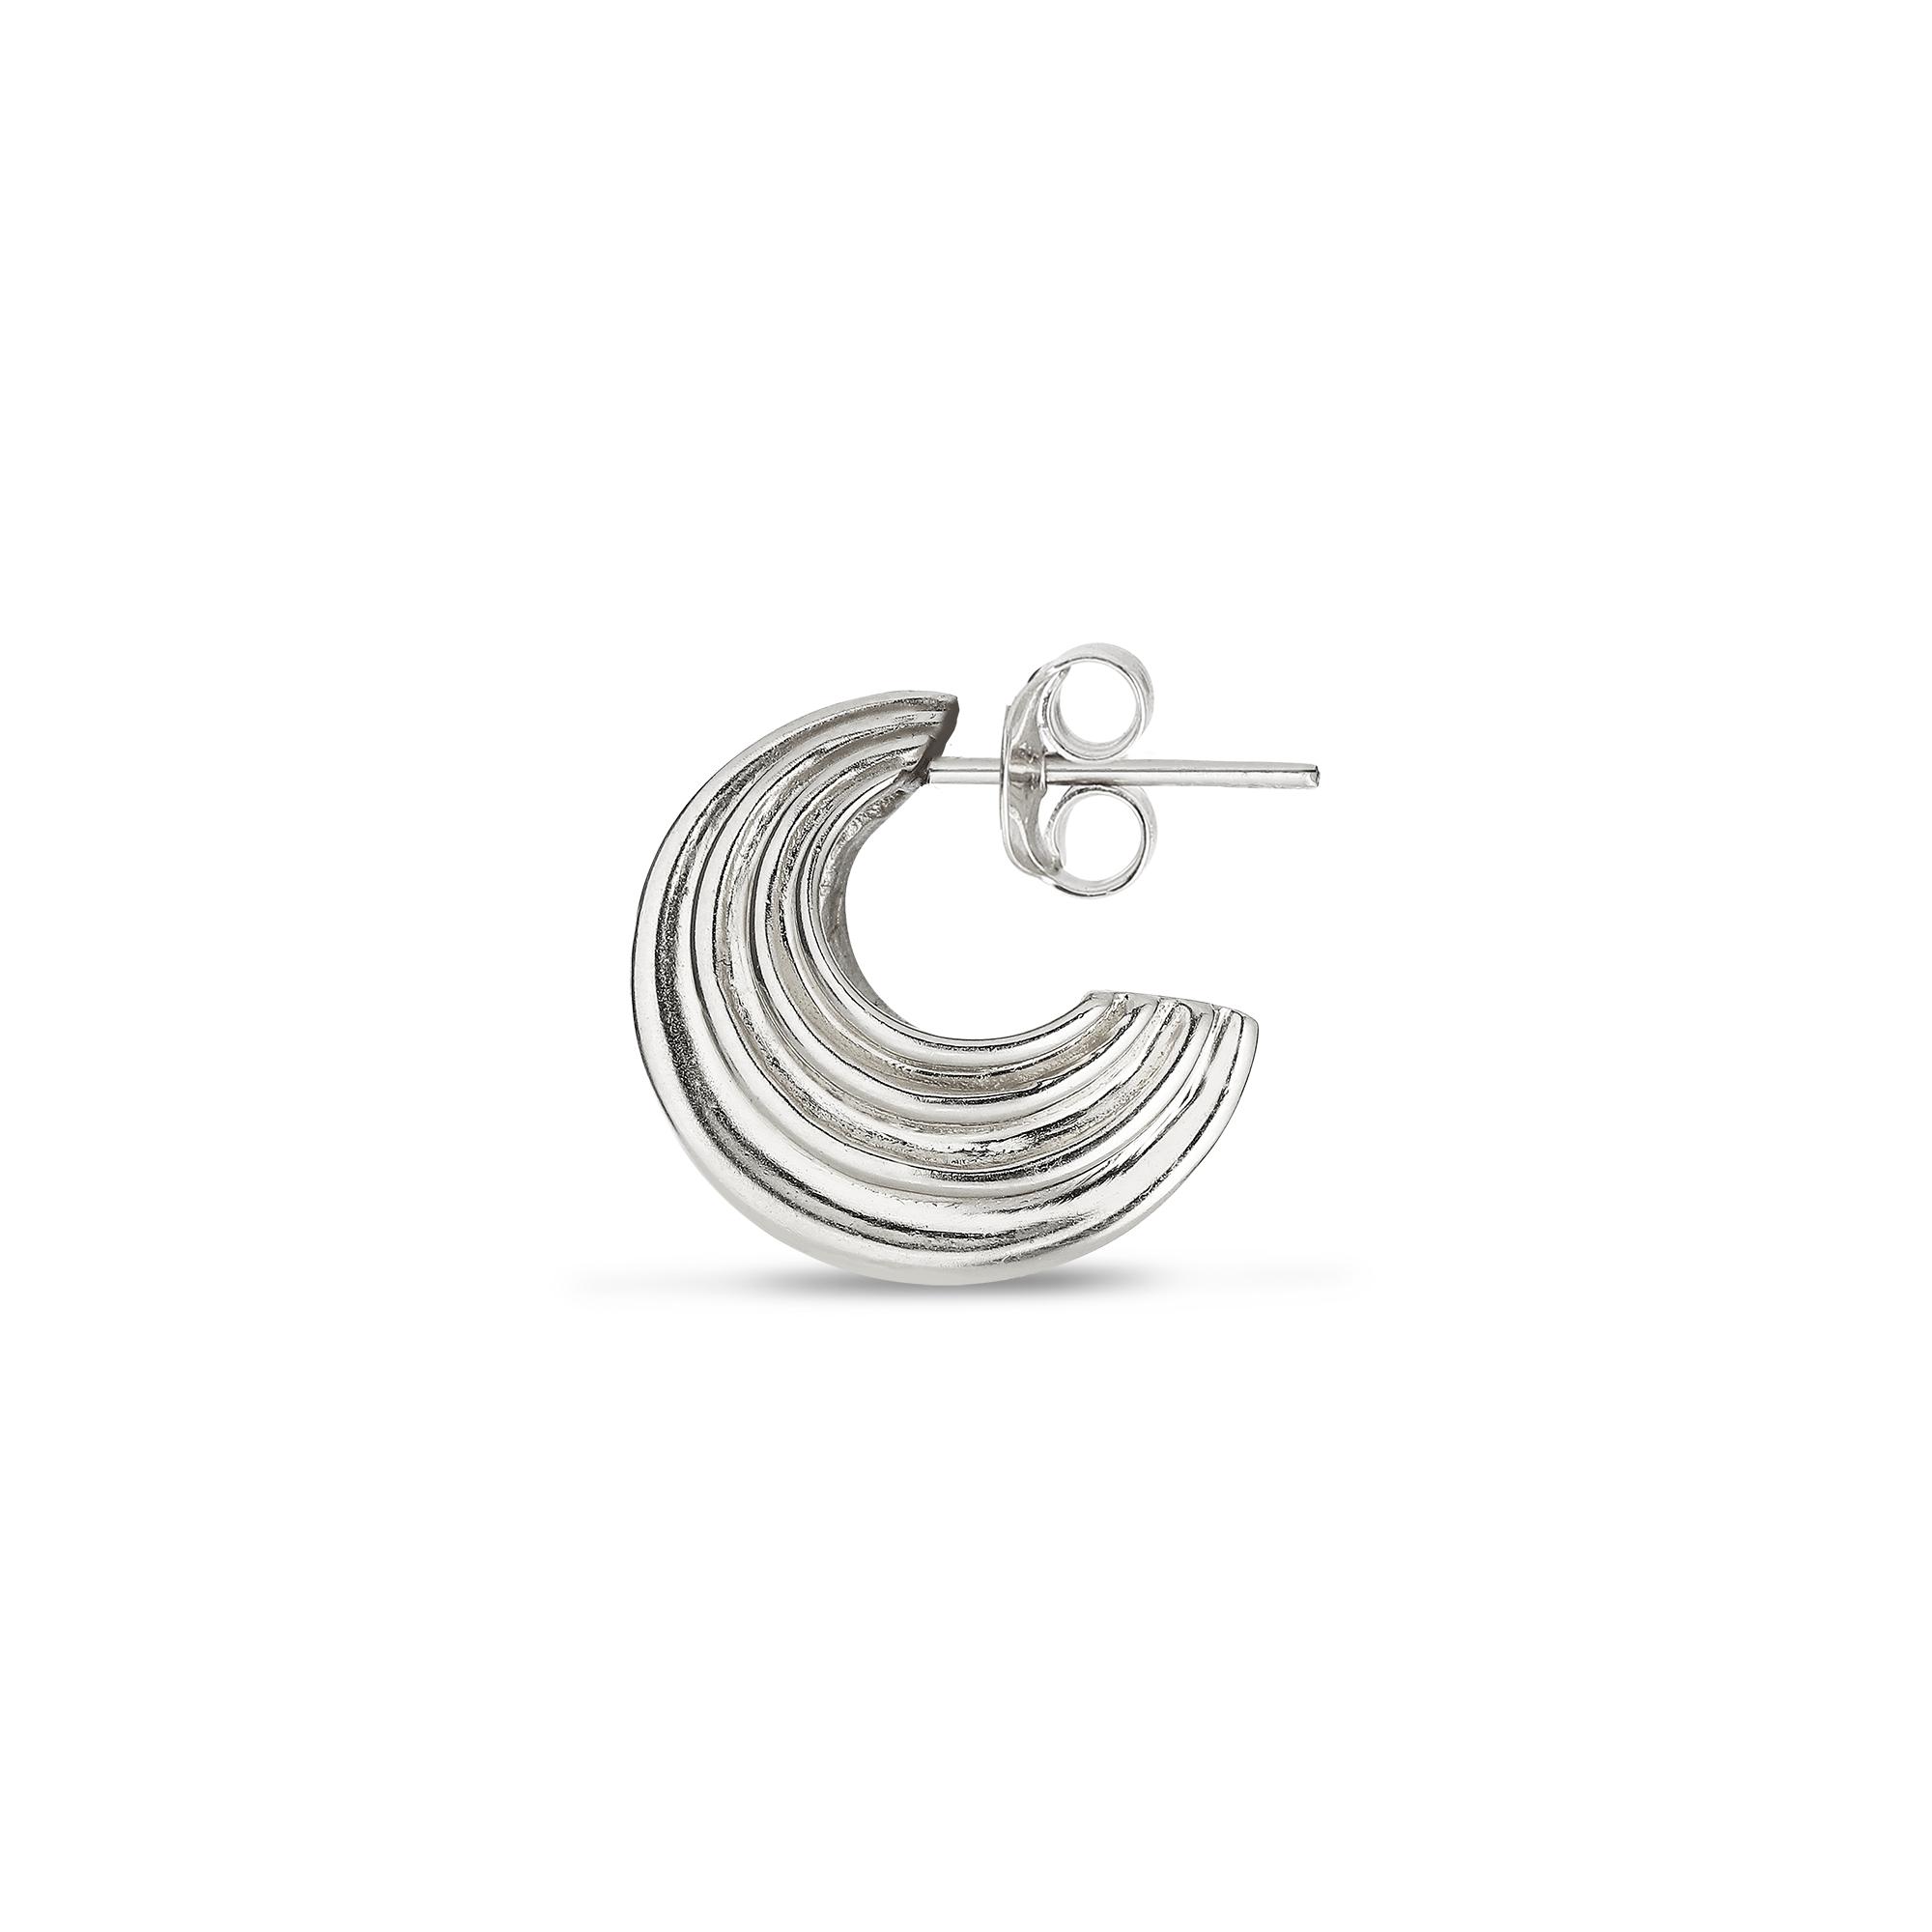 Jane Kønig Sculpture ørering, sølv